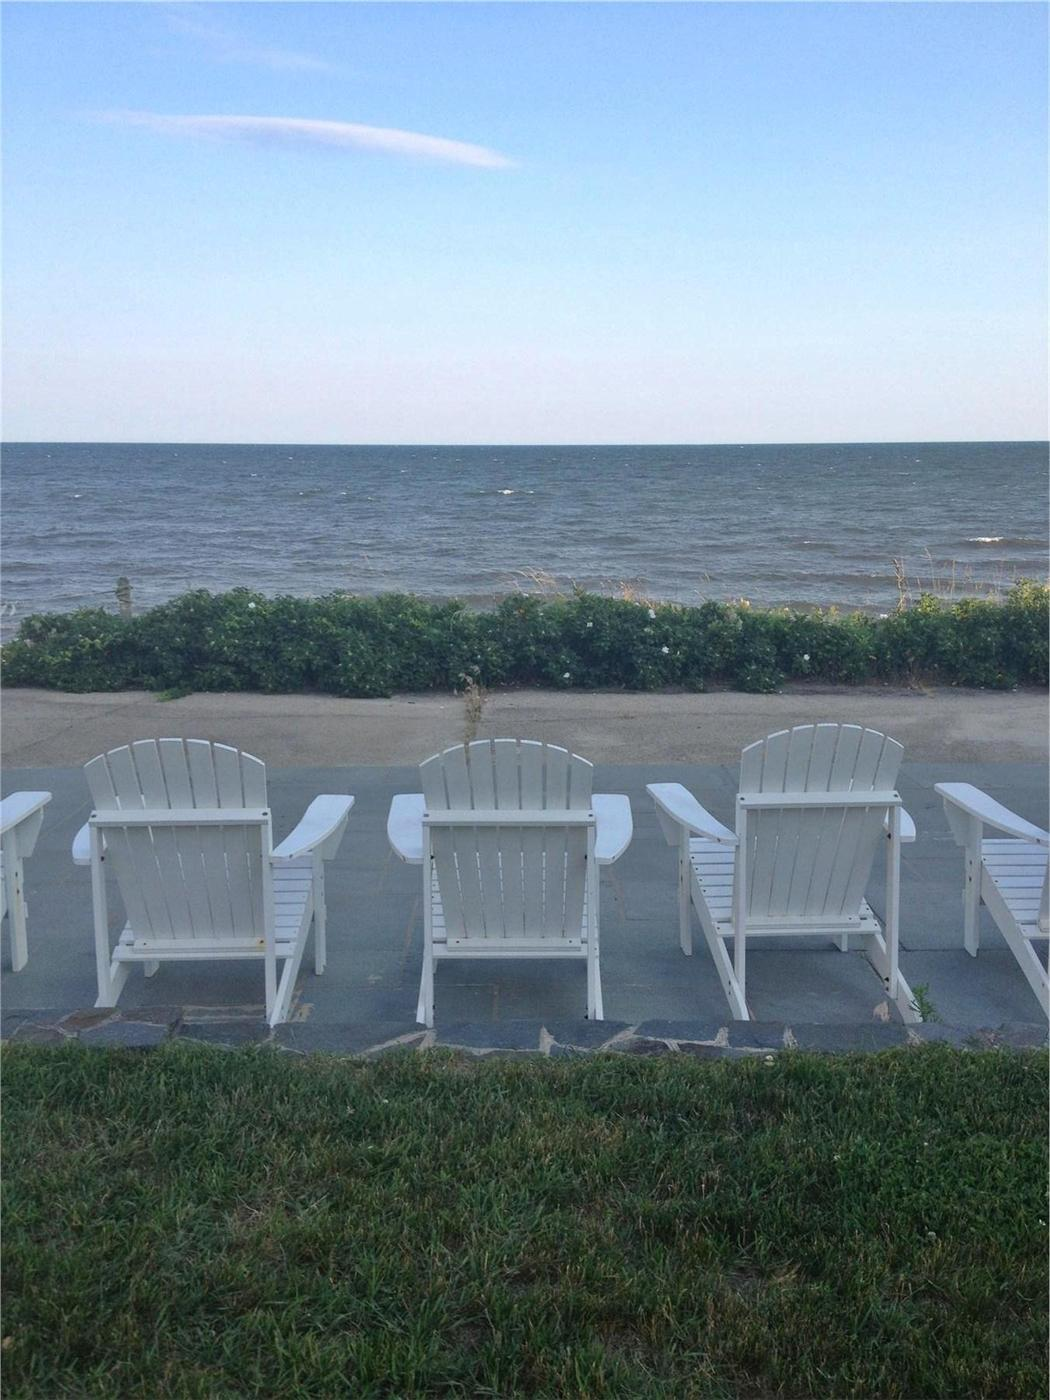 Dennis Vacation Rental Condo In Cape Cod Ma 02639 Private